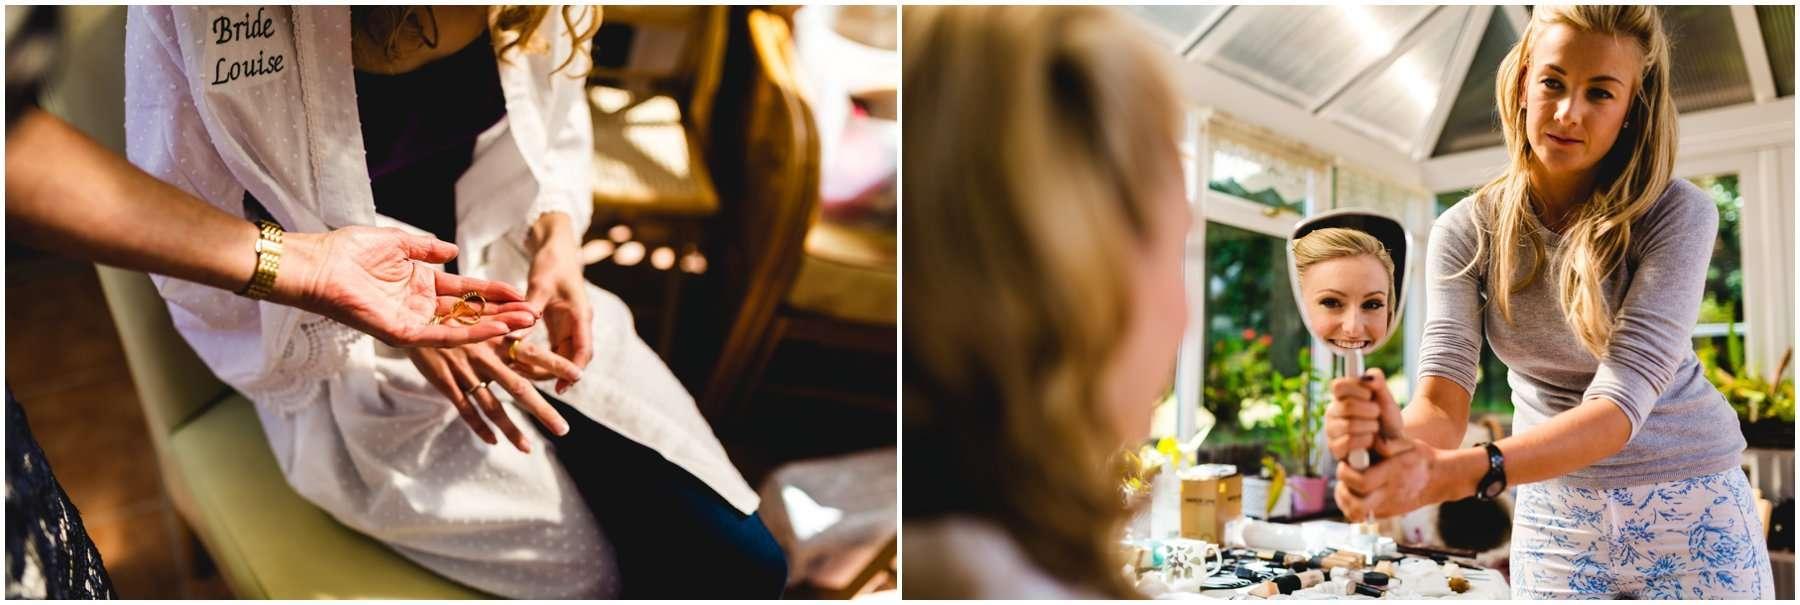 KIMBERLEY HALL WEDDING - LOUISE AND DAVID - NORWICH WEDDING PHOTOGRAPHER 3